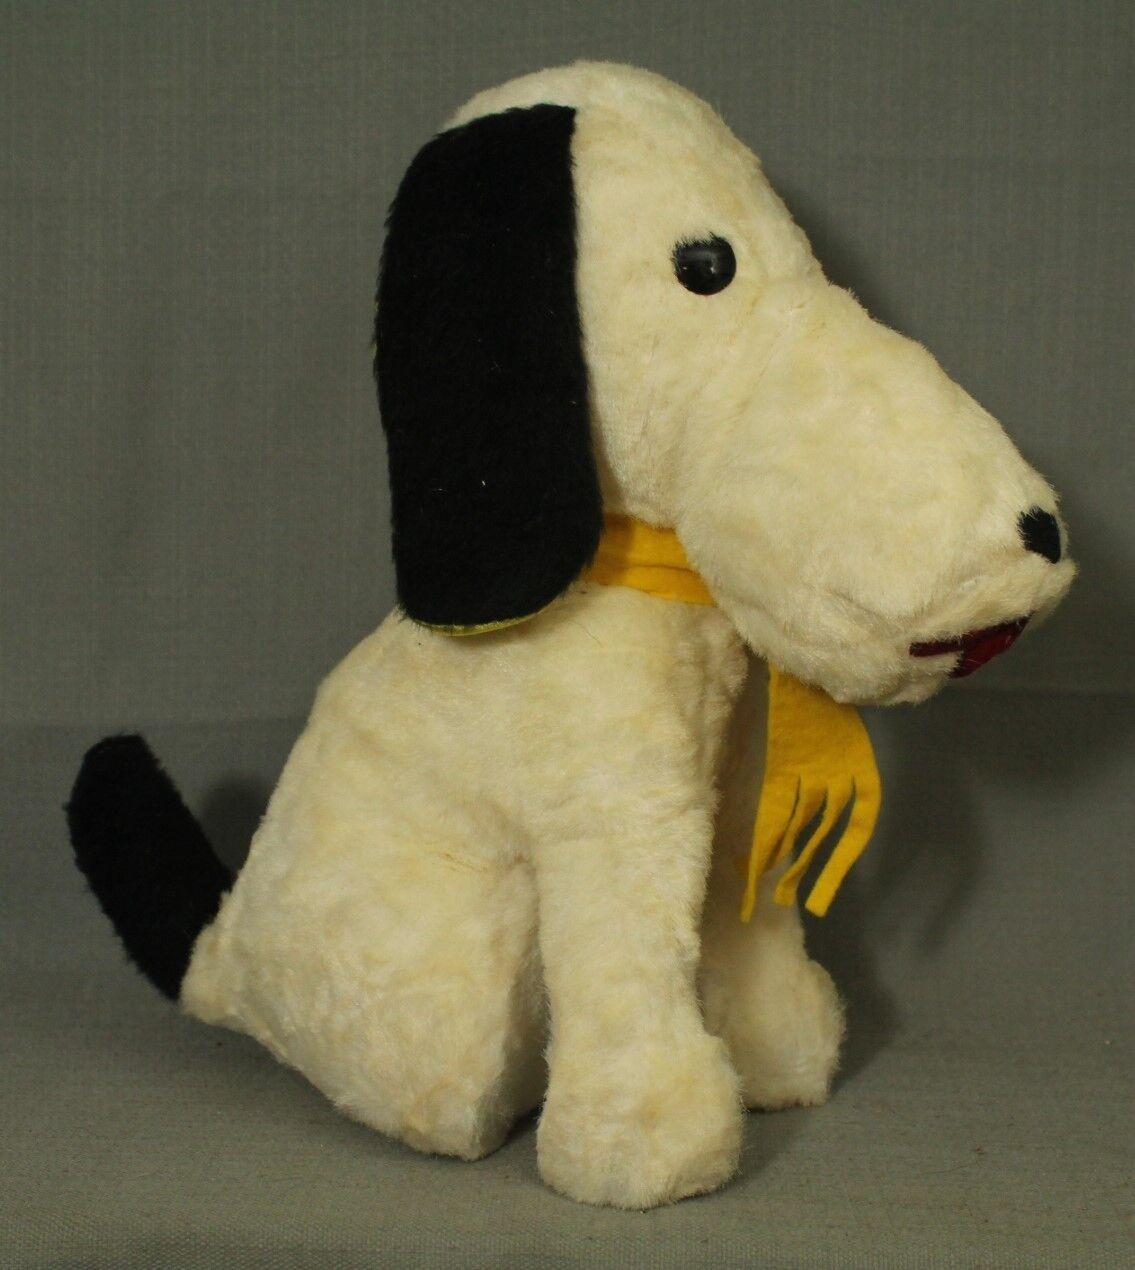 Vintage Peanuts Snoopy Giocattolo a Forma di Cane Peluche che Sta Seduto 1950s